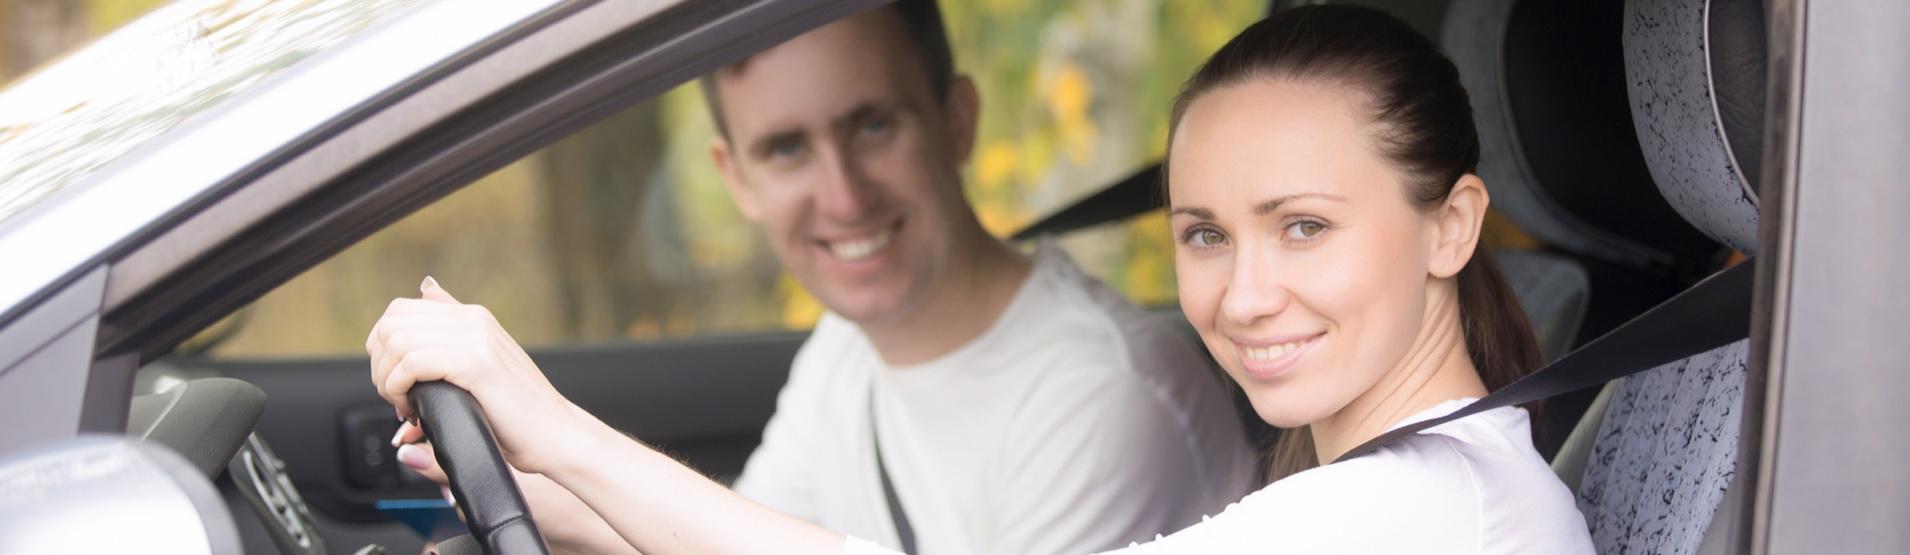 lezioni di guida autoscuola sacilese sacile